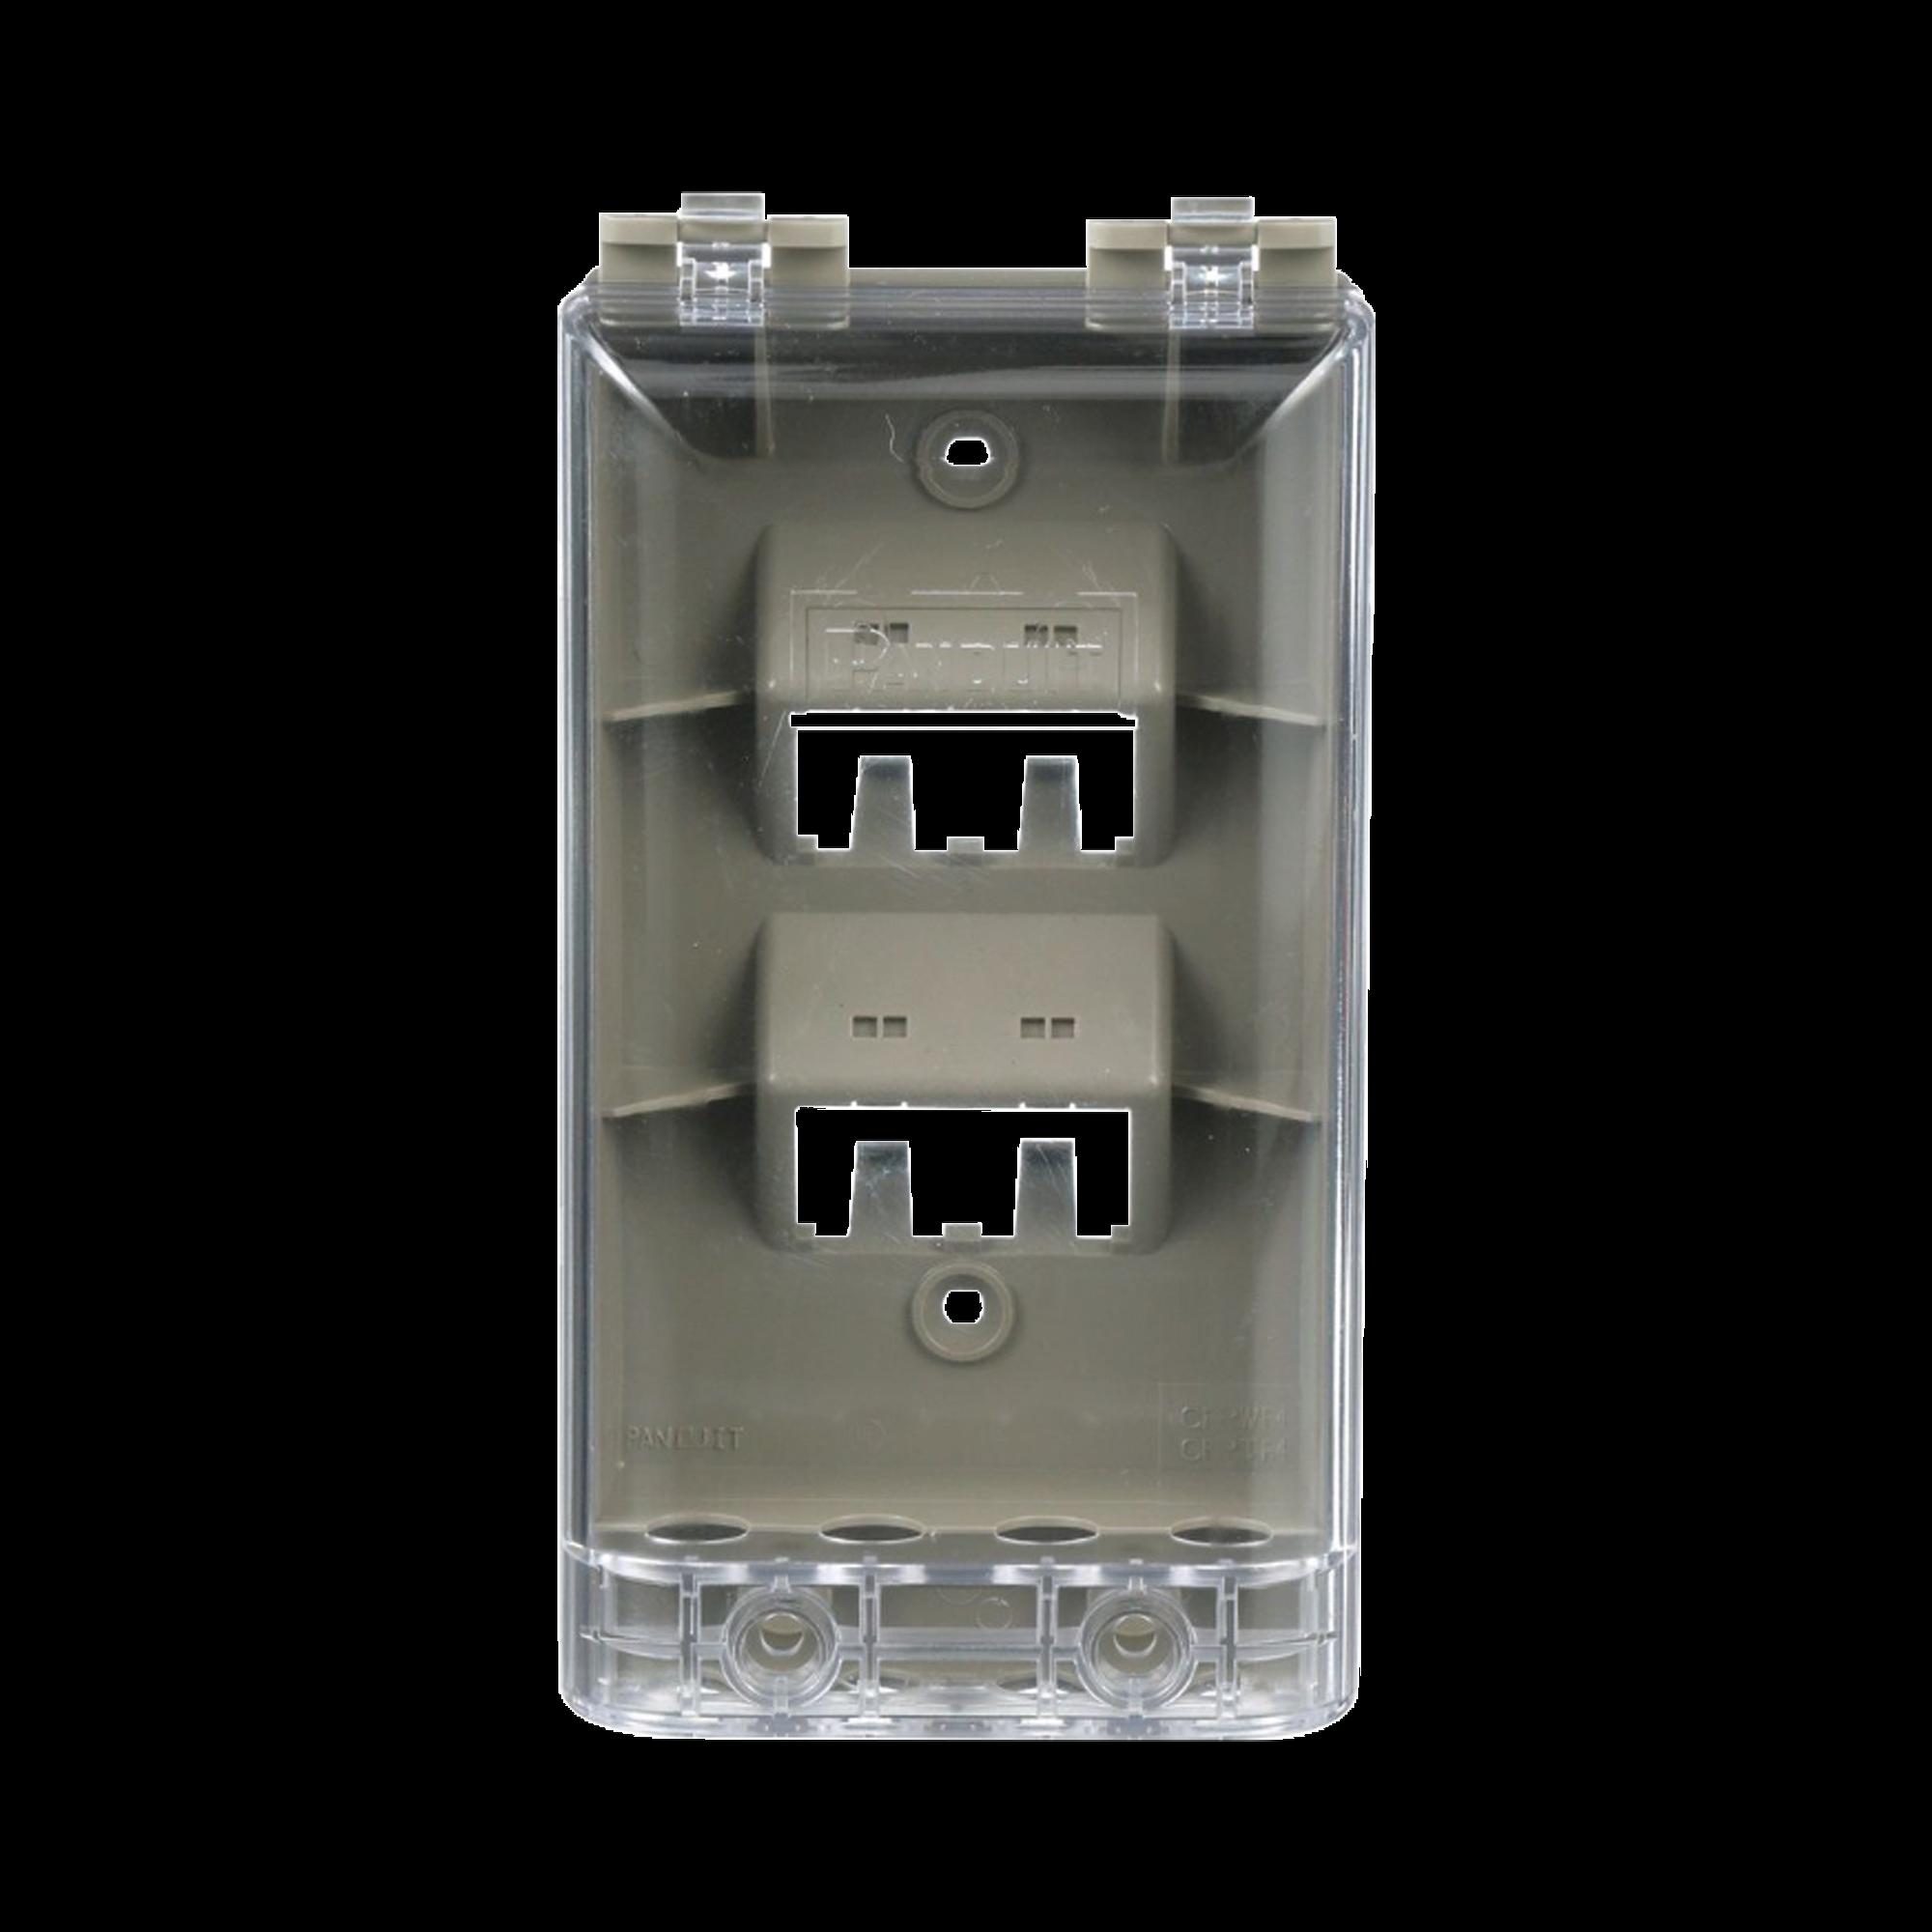 Placa de Pared Vertical, Resistente al Agua con Protección IP56, Acepta 4 Módulos Mini-Com, Color Gris